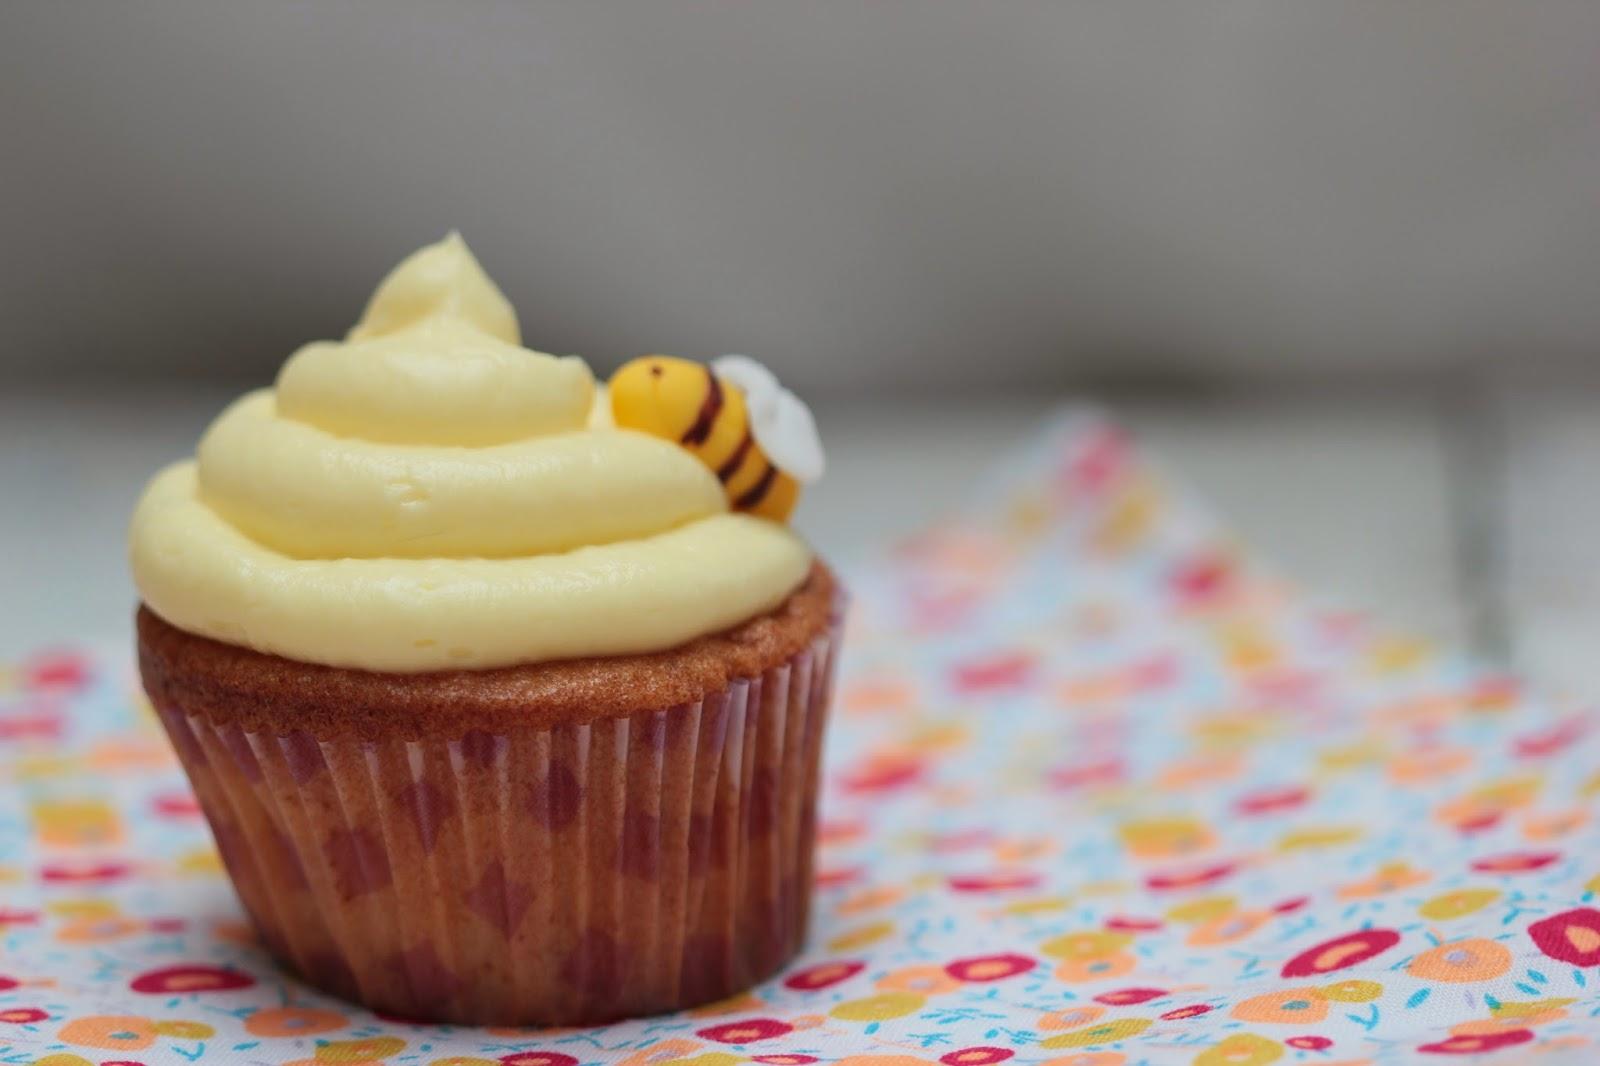 Recette de cupcakes au miel. Un peu de douceur pour le dessert